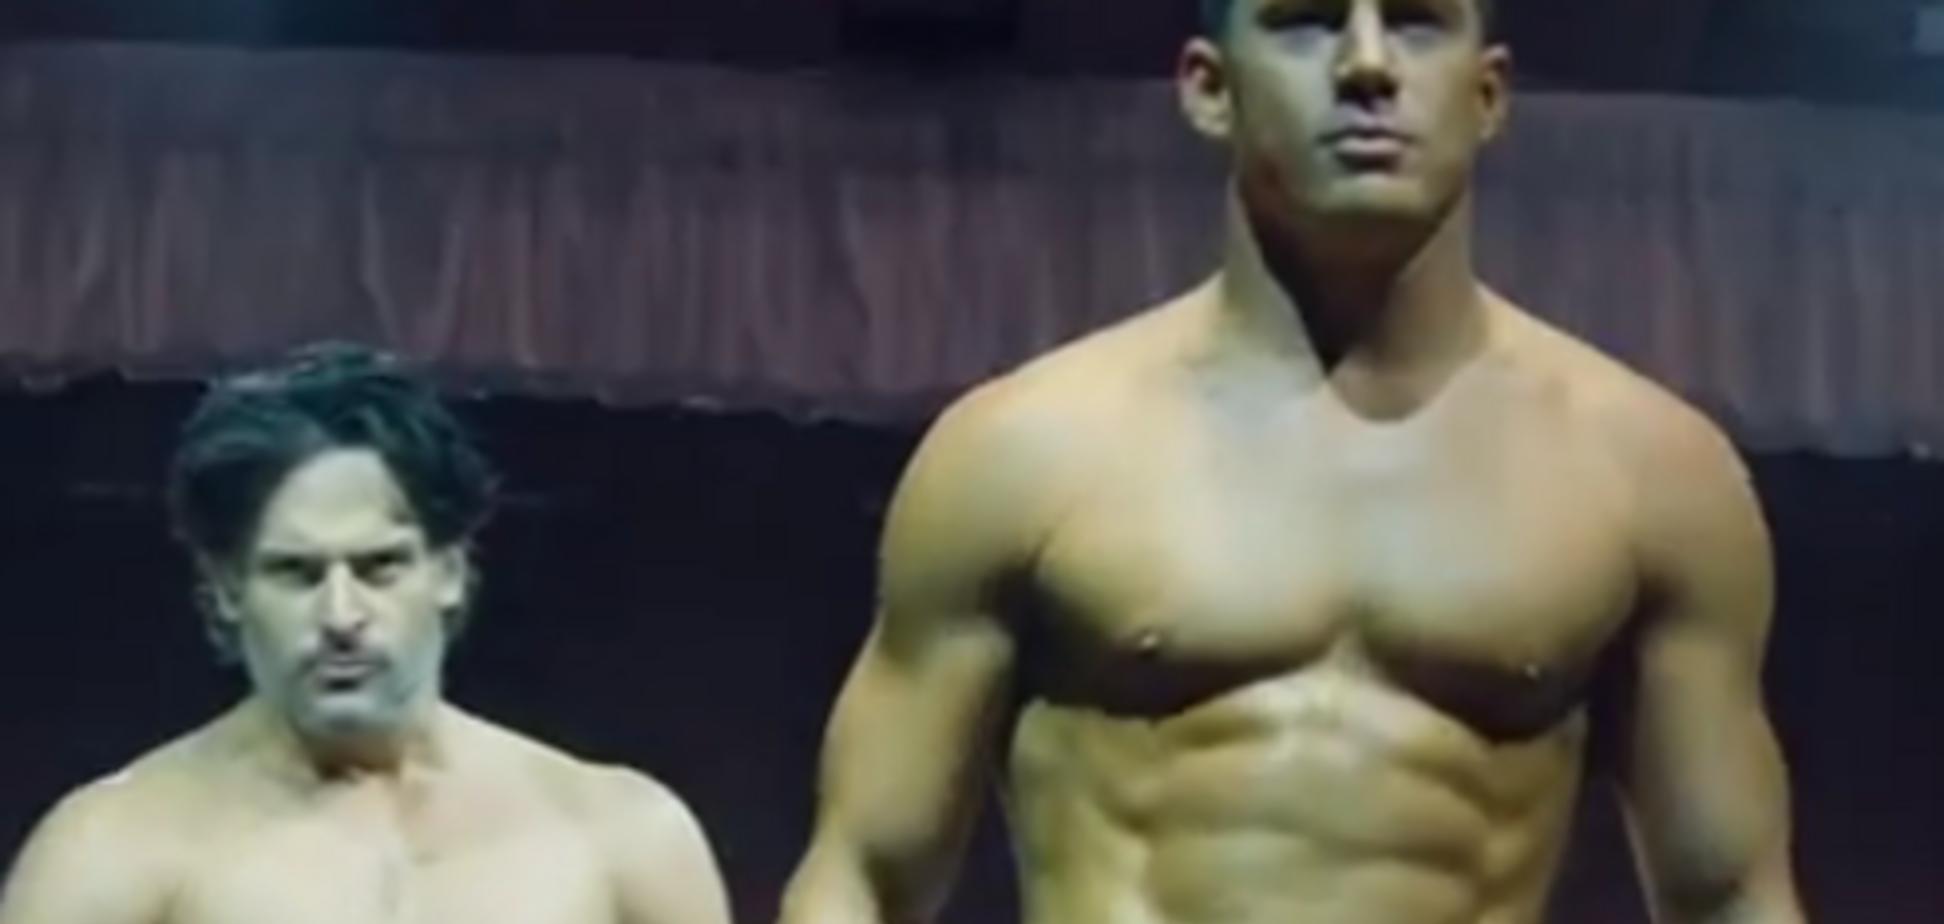 Голливудский красавчик Ченнинг Татум засветил свой XXL размер: опубликовано видео